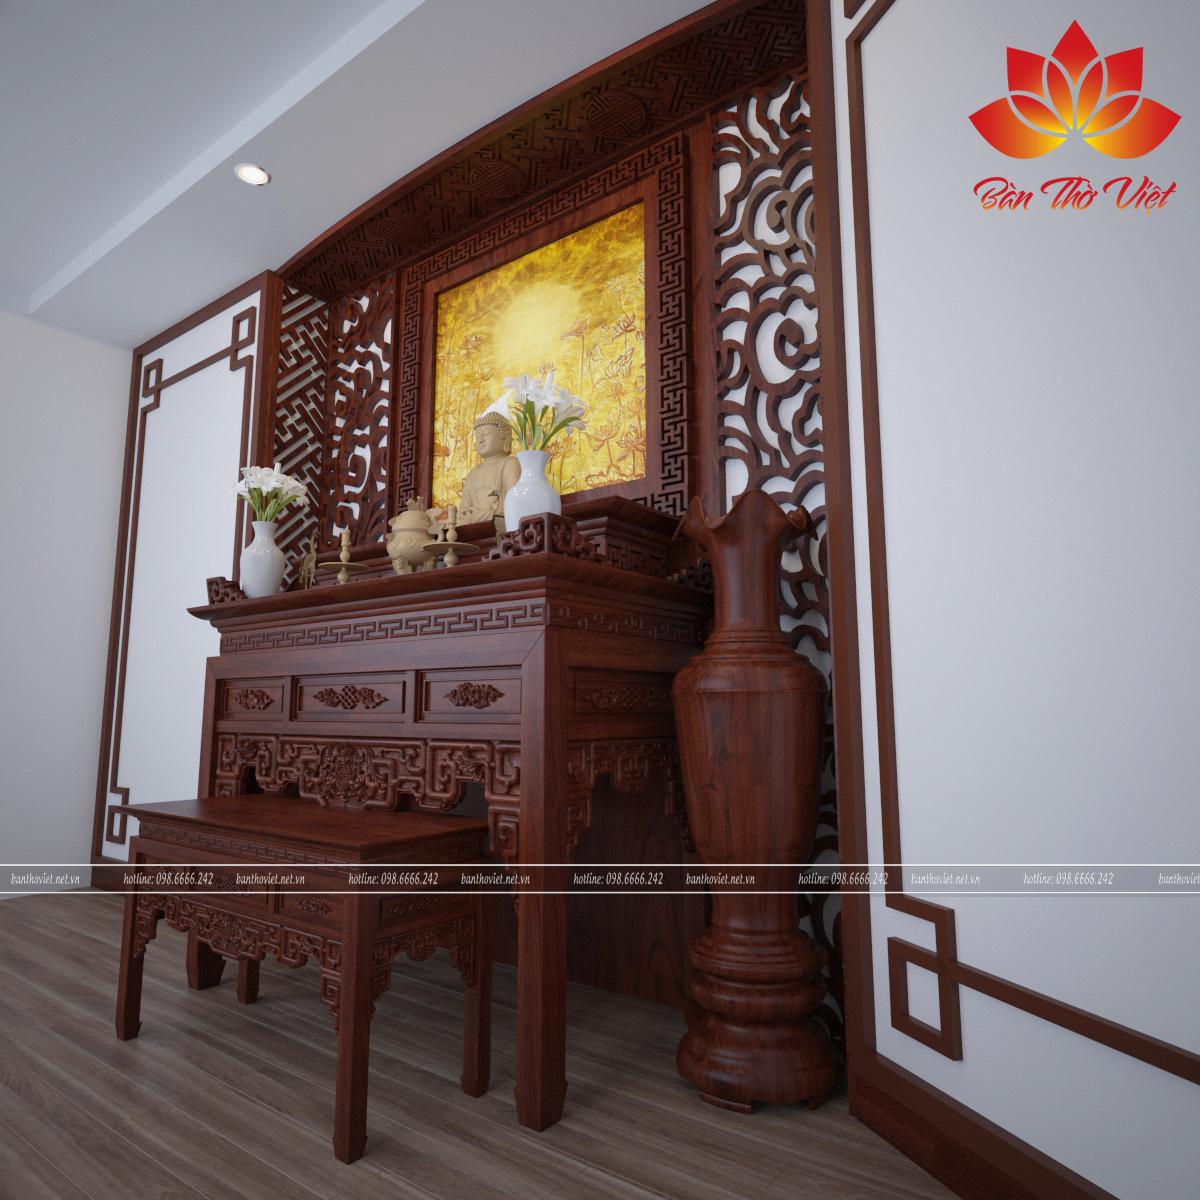 Quý khách sẽ được cung cấp dịch vụ phòng thờ ở Thanh Xuân một cách chuyên nghiệp và tận tâm nhất